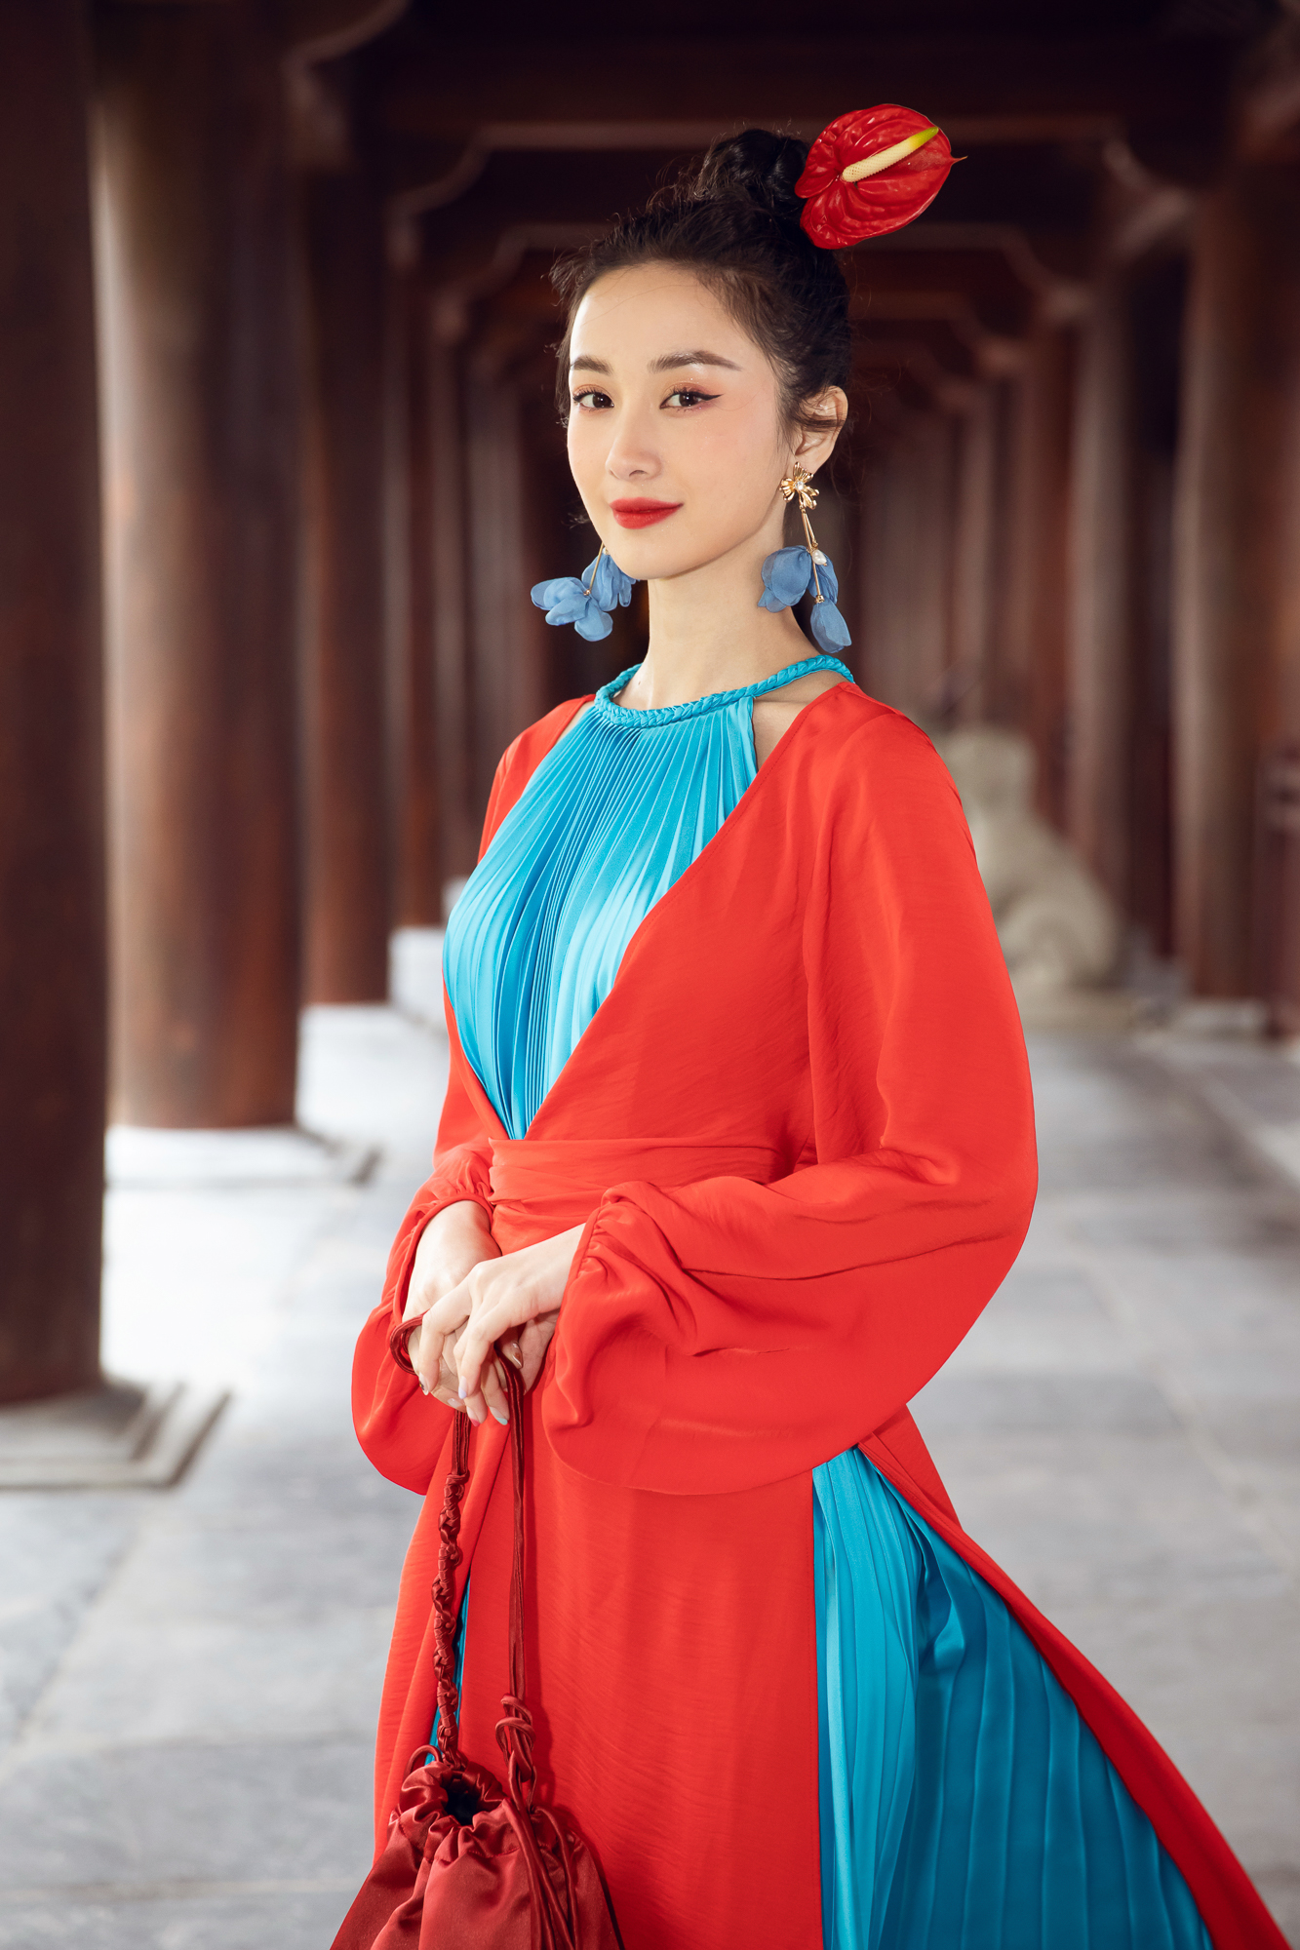 Tiểu Vy, Đỗ Mỹ Linh cùng dàn hậu mặc váy yếm quyến rũ giữa tiết trời lạnh giá ảnh 14